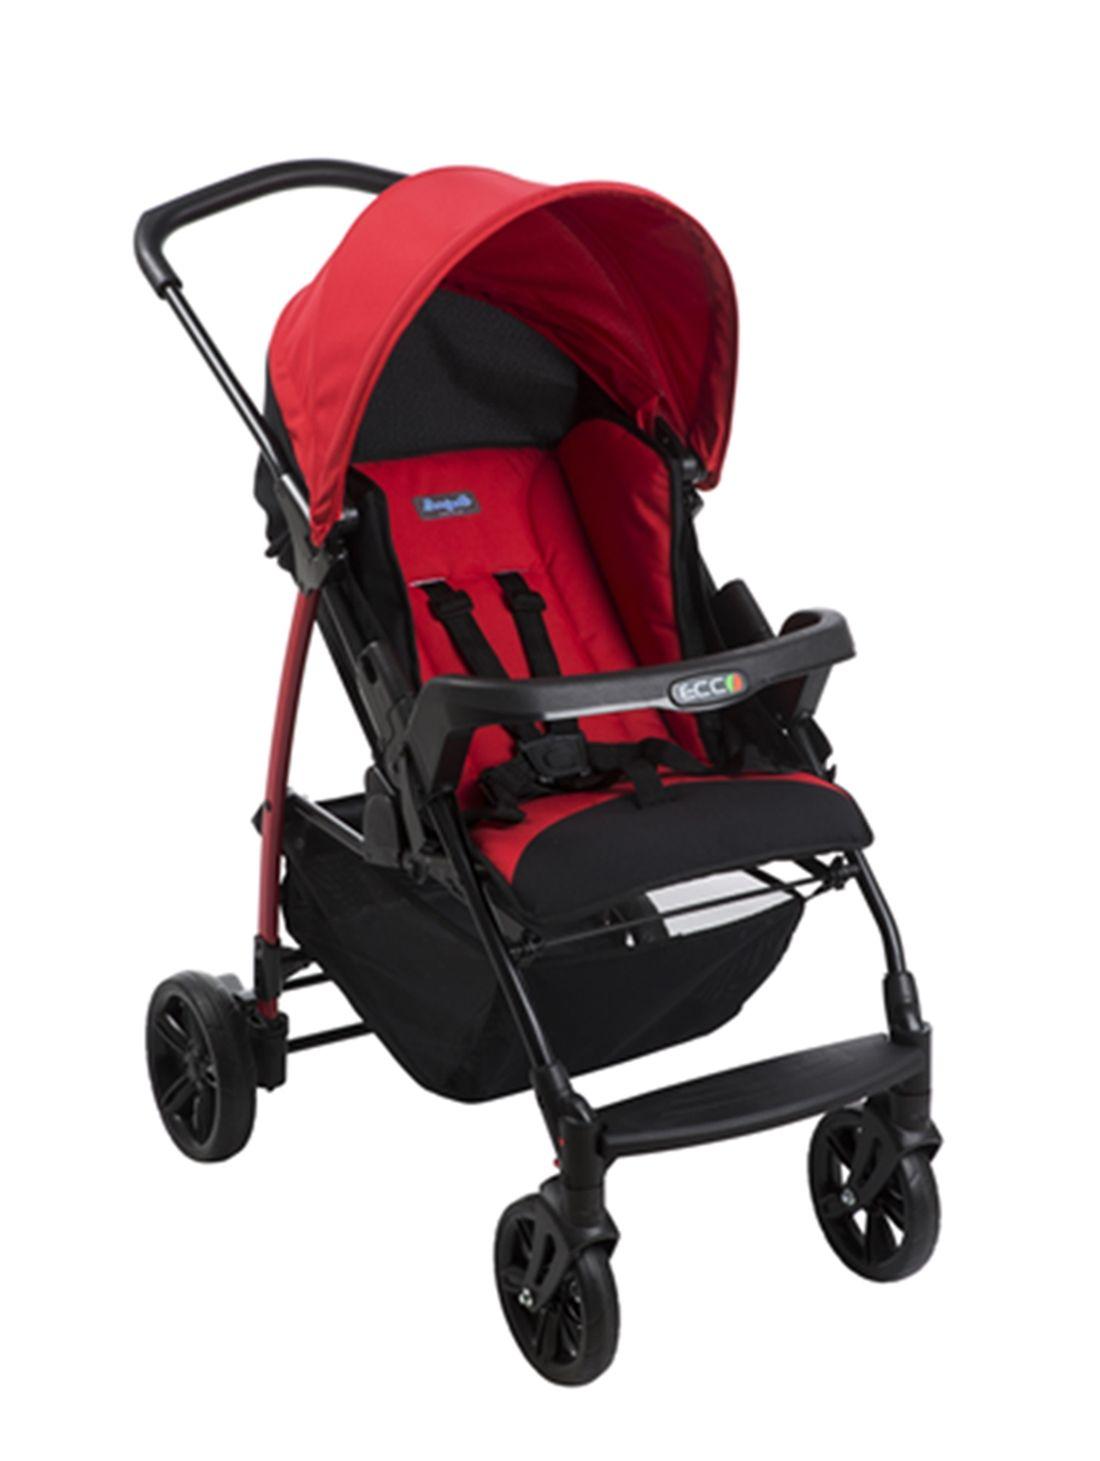 Carrinho de Bebê Burigotto Ecco Red